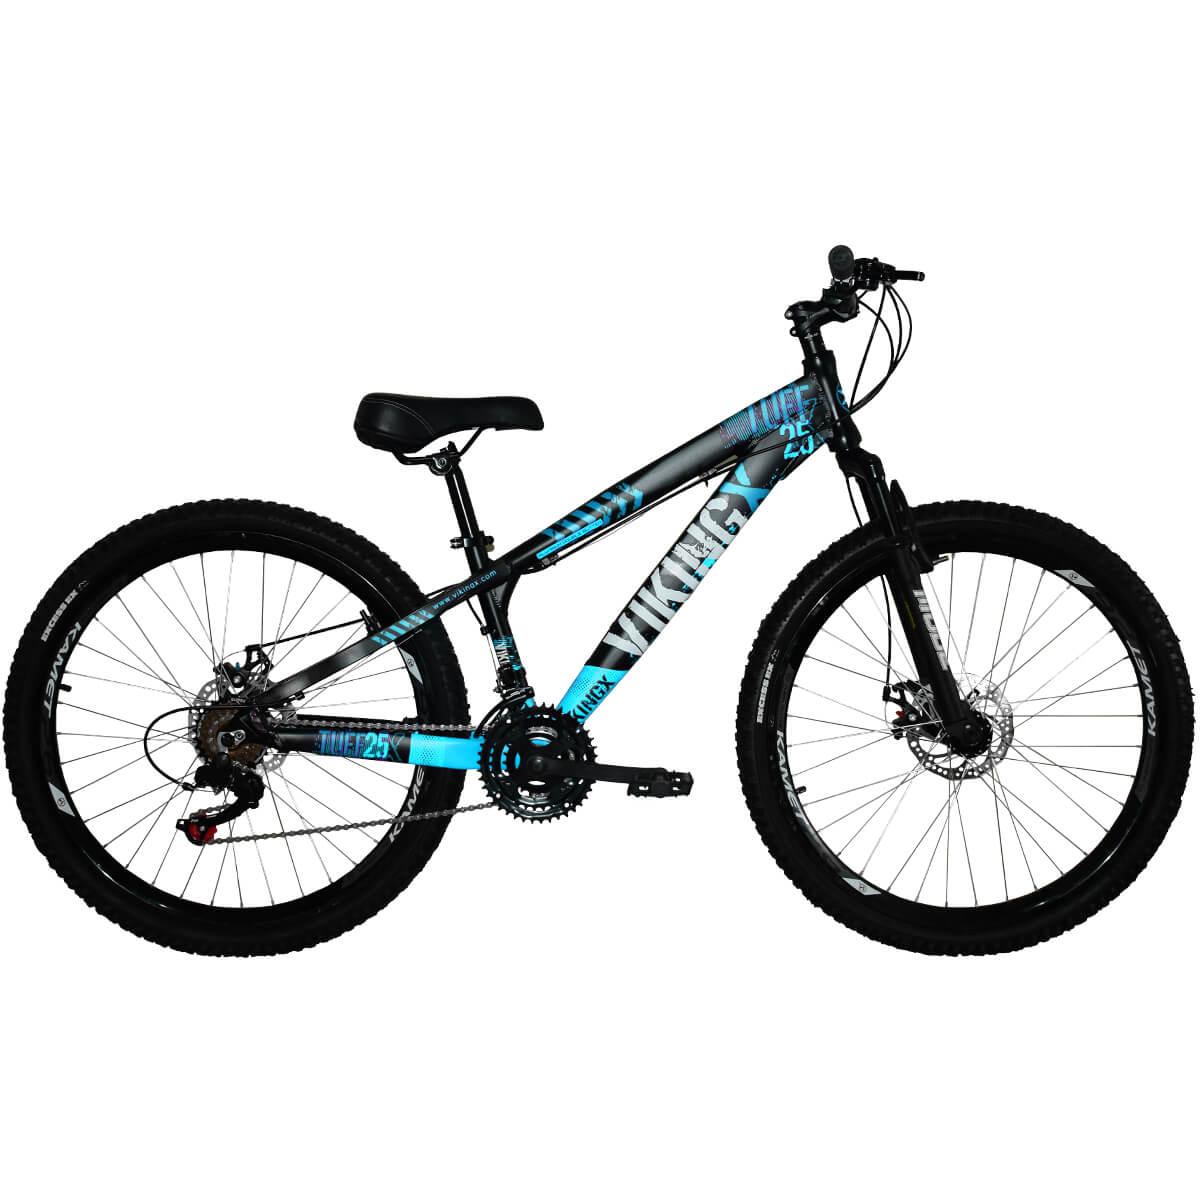 Bicicleta Freeride Viking X aro 26 Freios a Disco